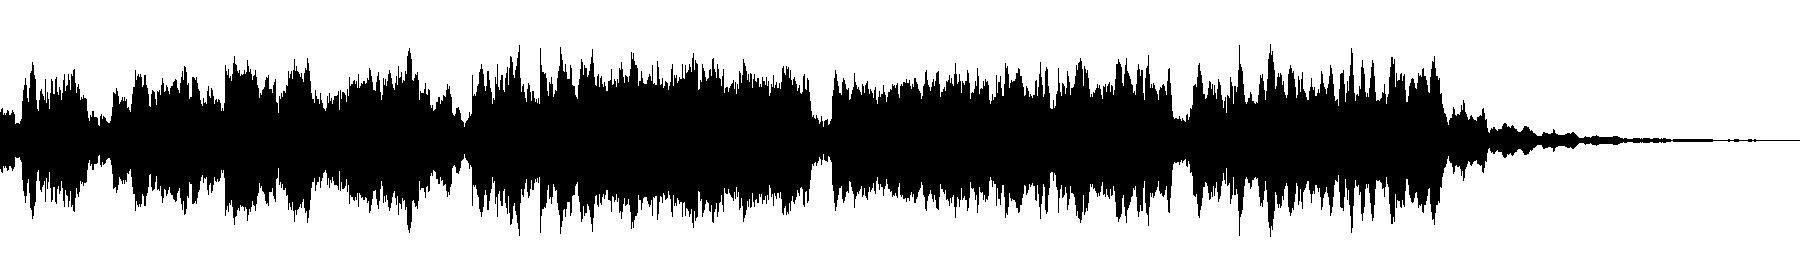 104109 synthloop 140bpm a wav